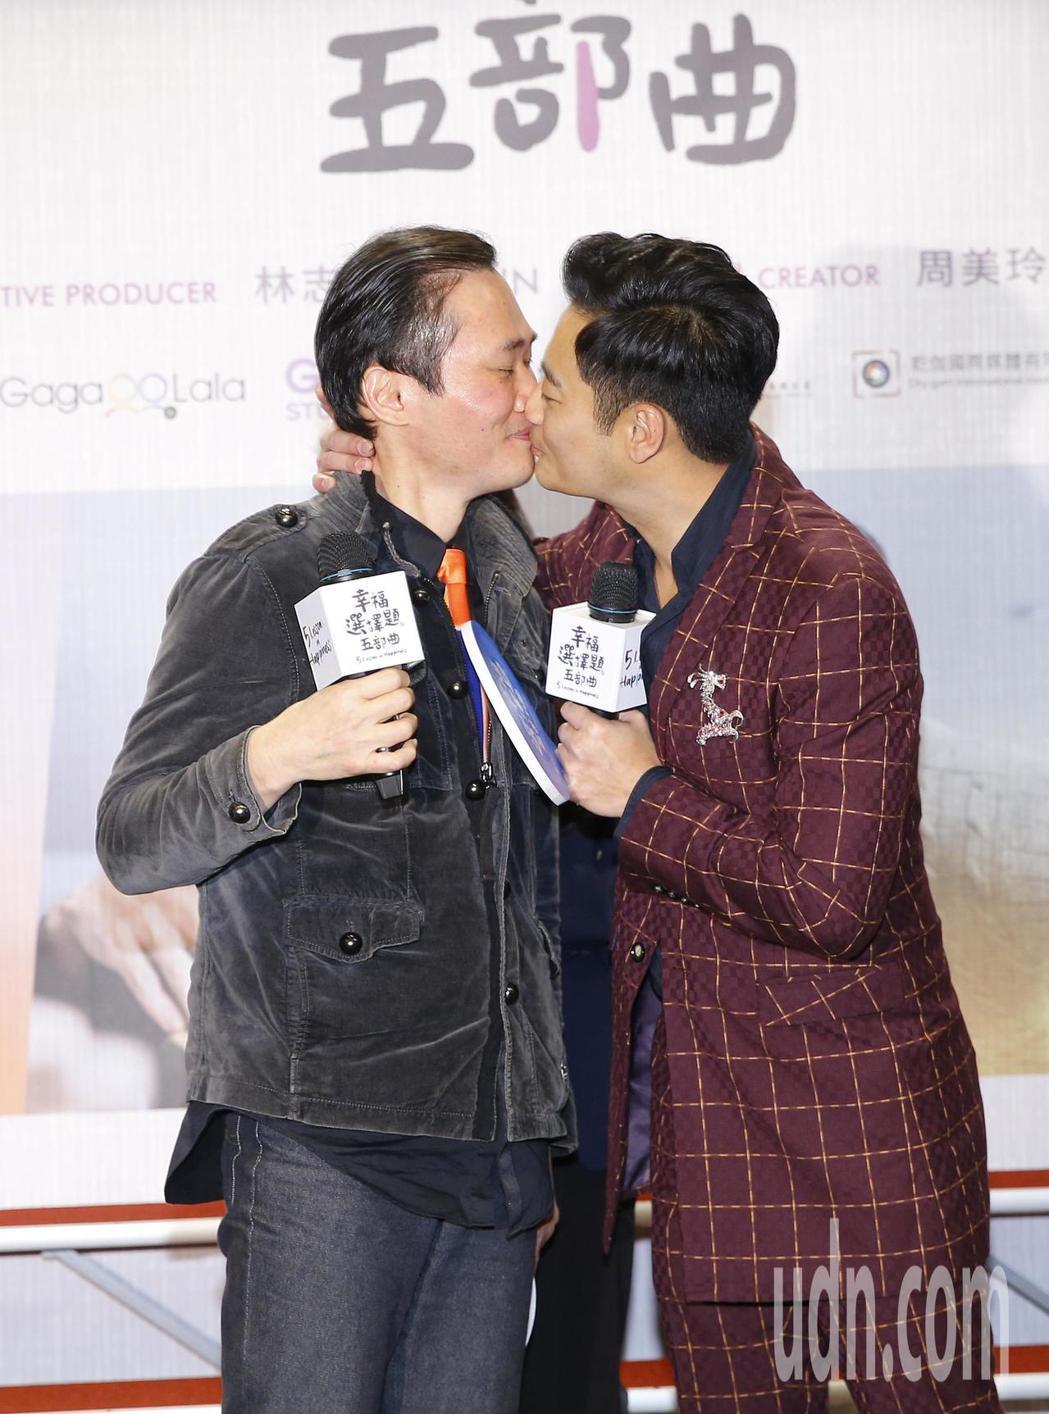 本土劇一哥林佑星(右)、小應 (左)出席宣傳,當場重現吻戲。